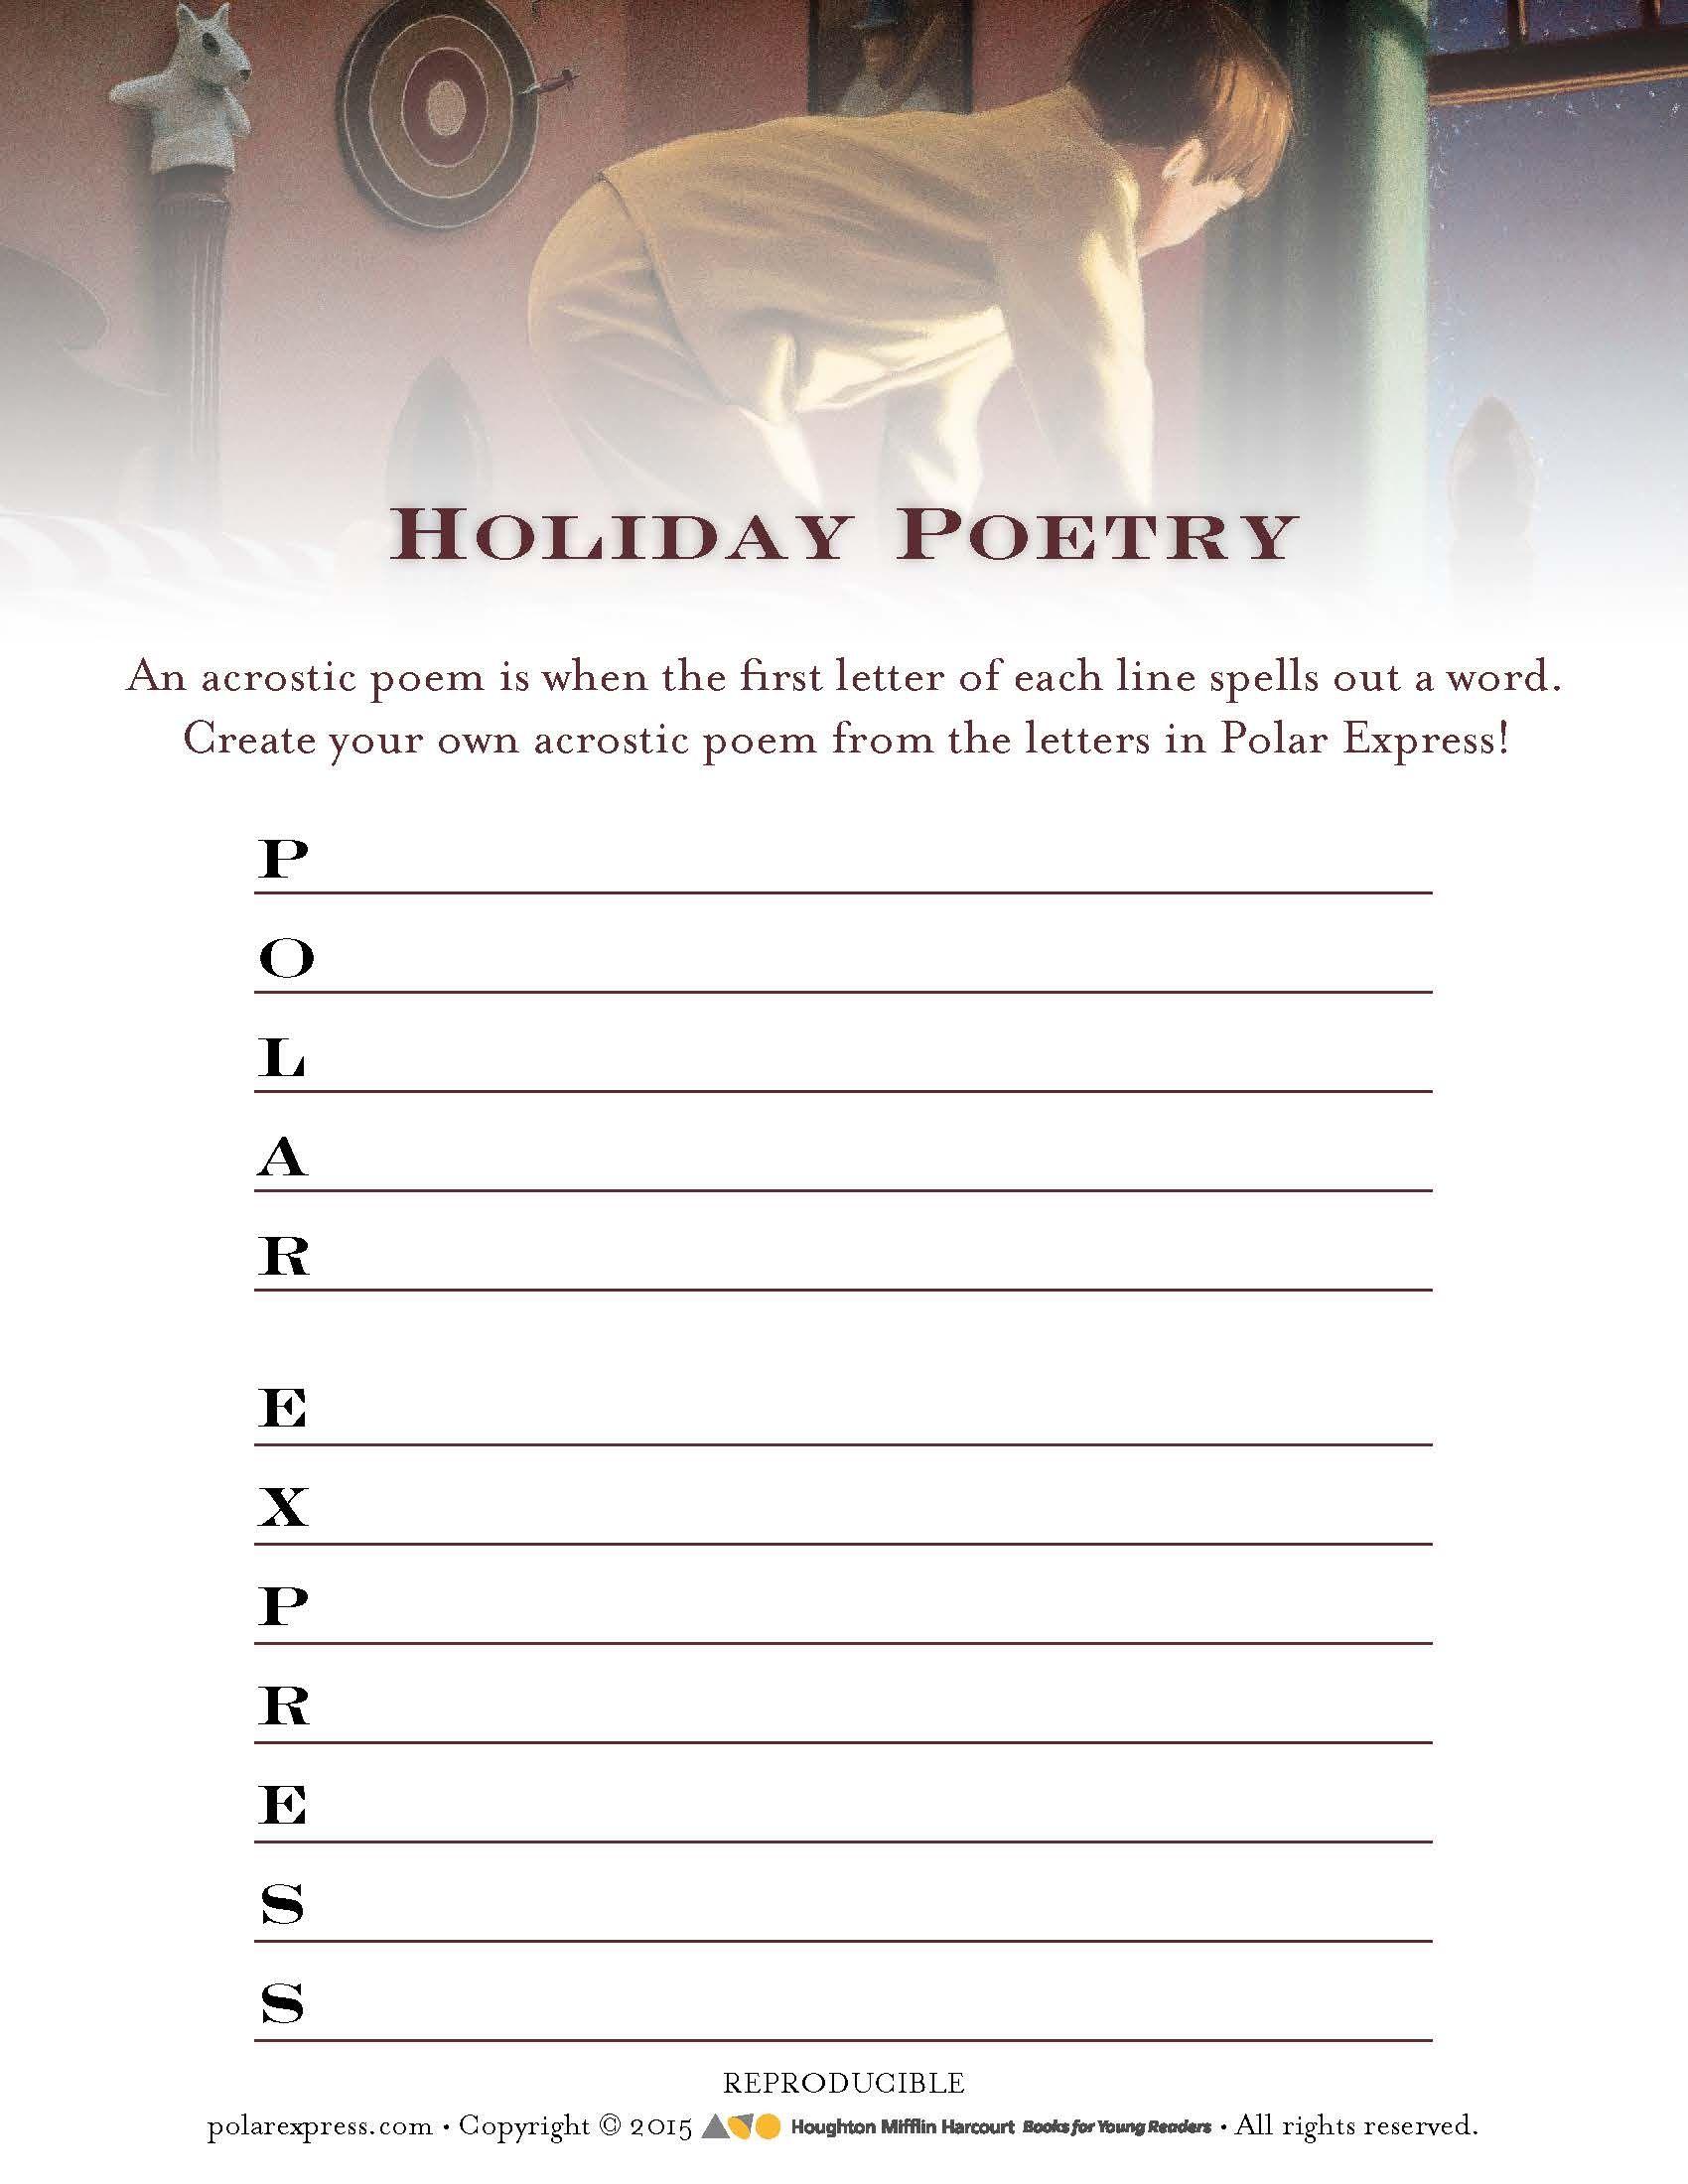 Blank Illustrated Acrostic Poem Worksheets Handwriting Lines Worksheet Printout Enchantedlearning Com Our Name Acro Acrostic Acrostic Poem Poem Template [ 1649 x 1275 Pixel ]